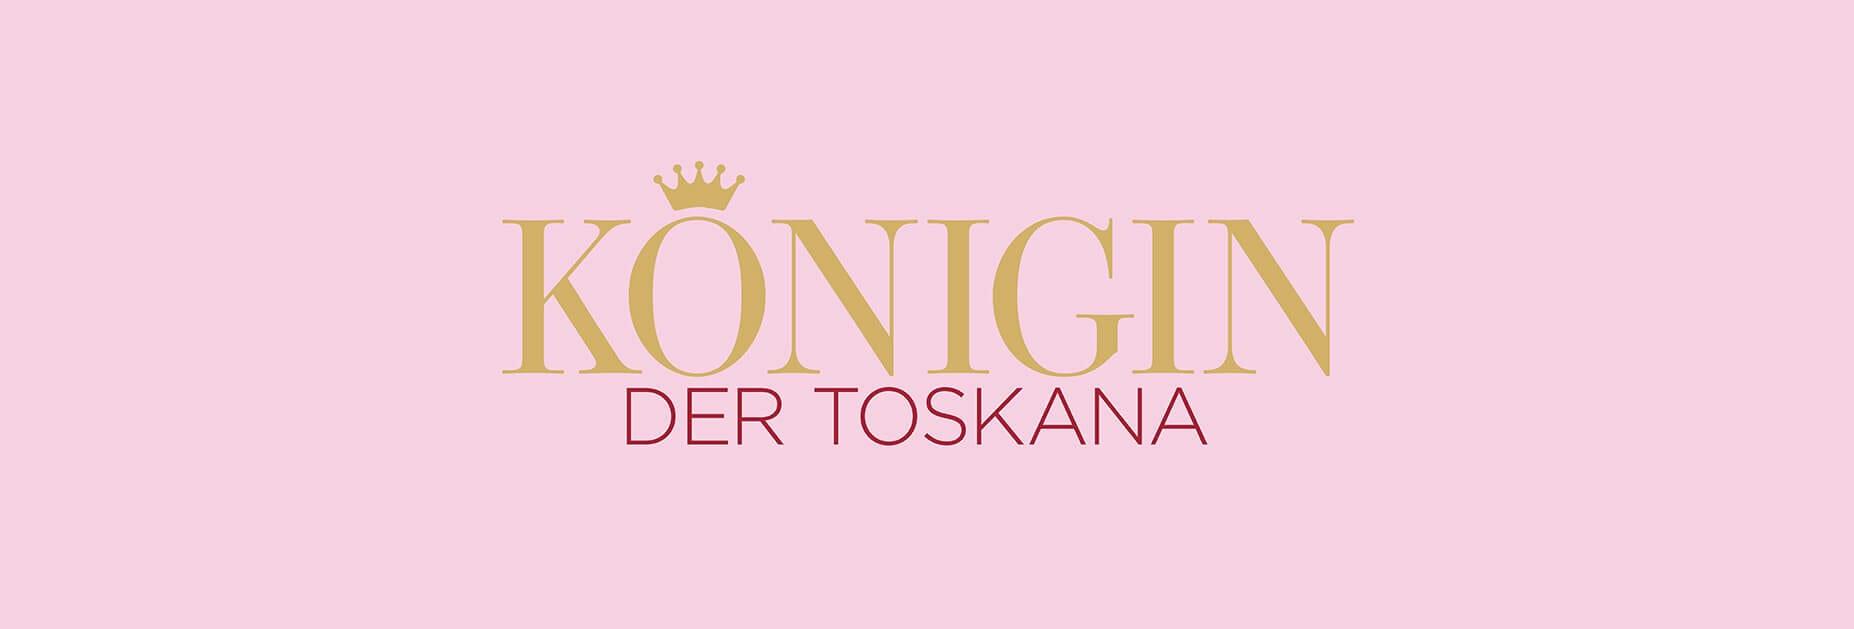 Königin der Toskana